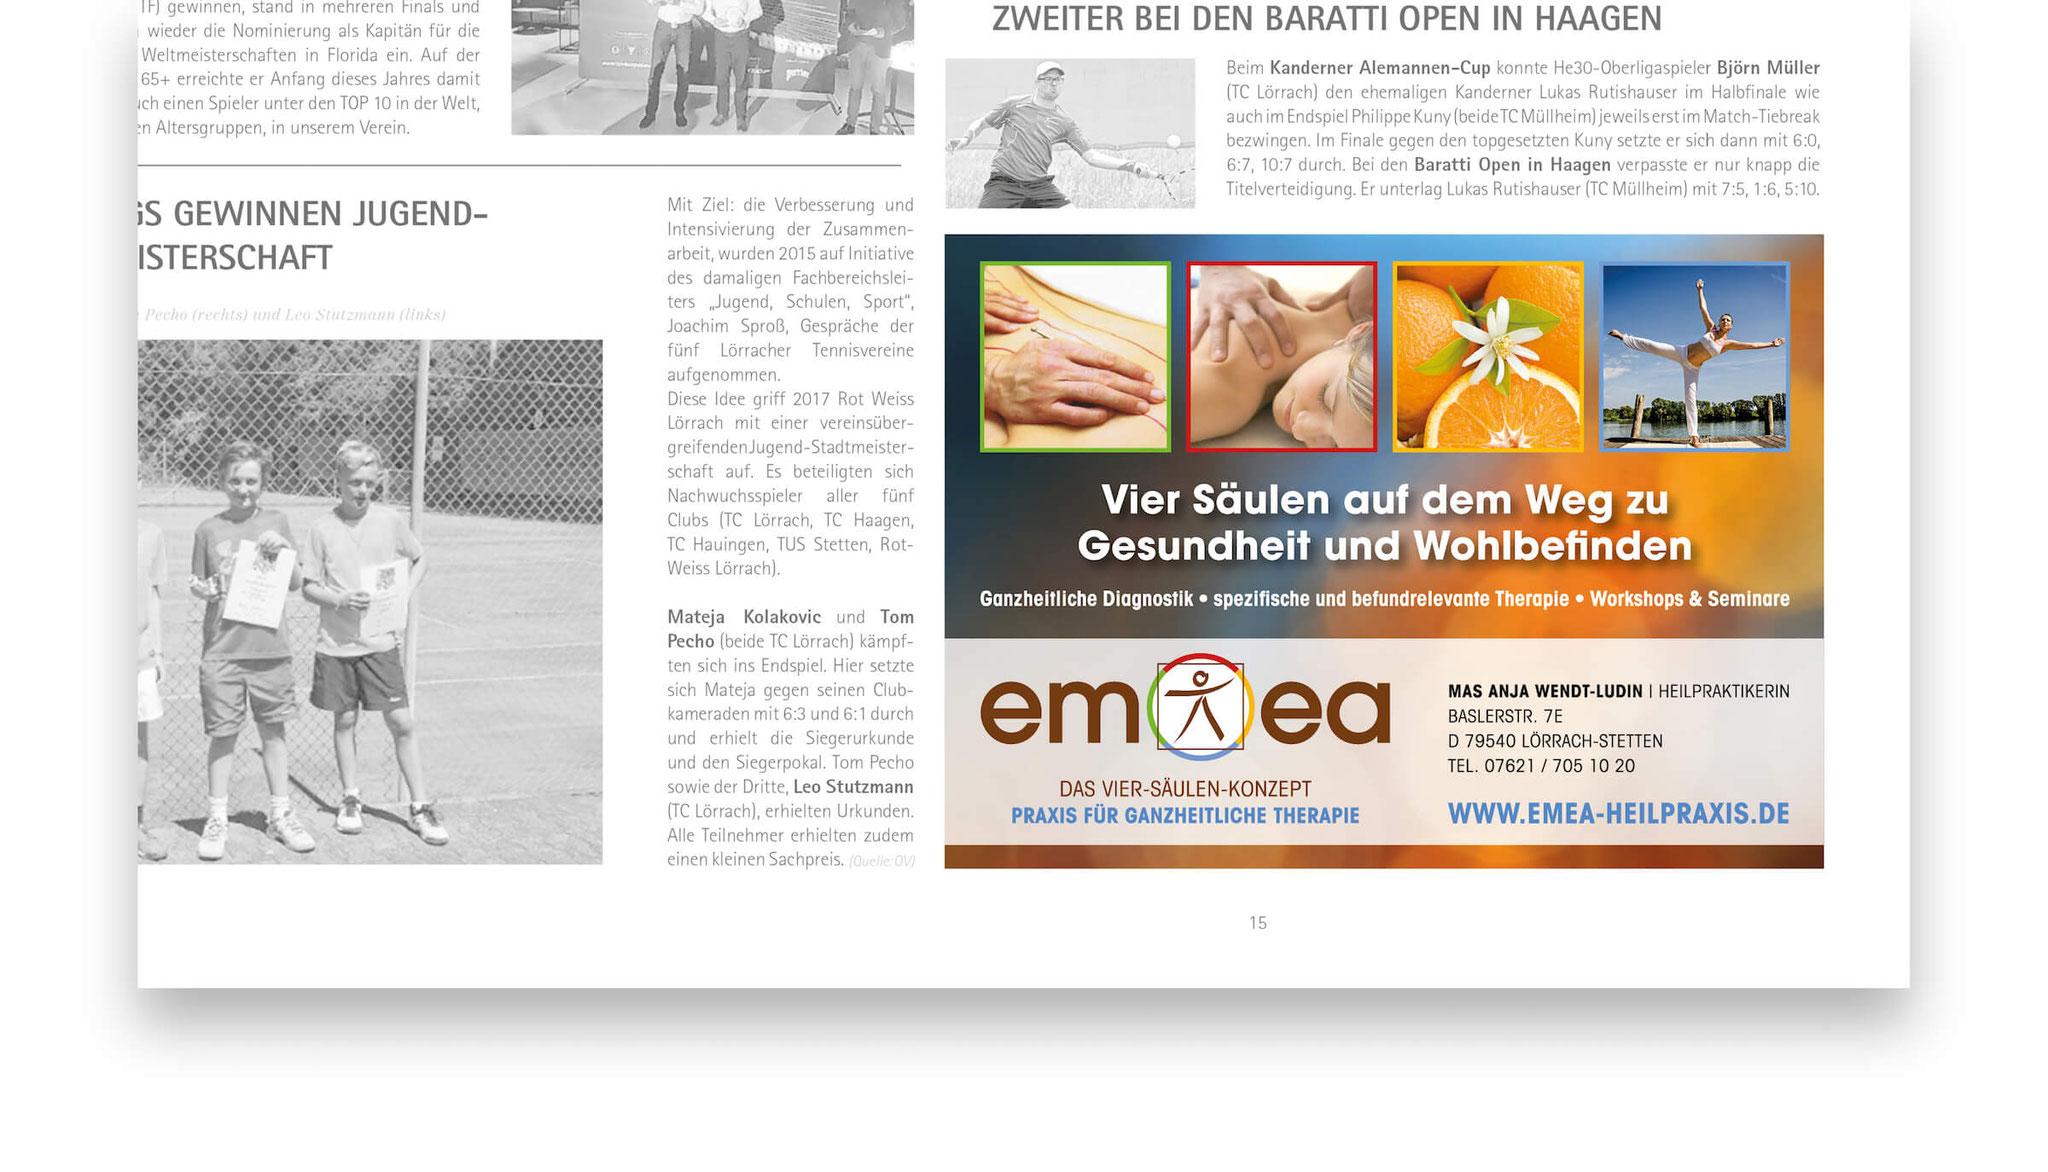 Imageanzeige für die Heilpraxis EMEA, Lörrach.